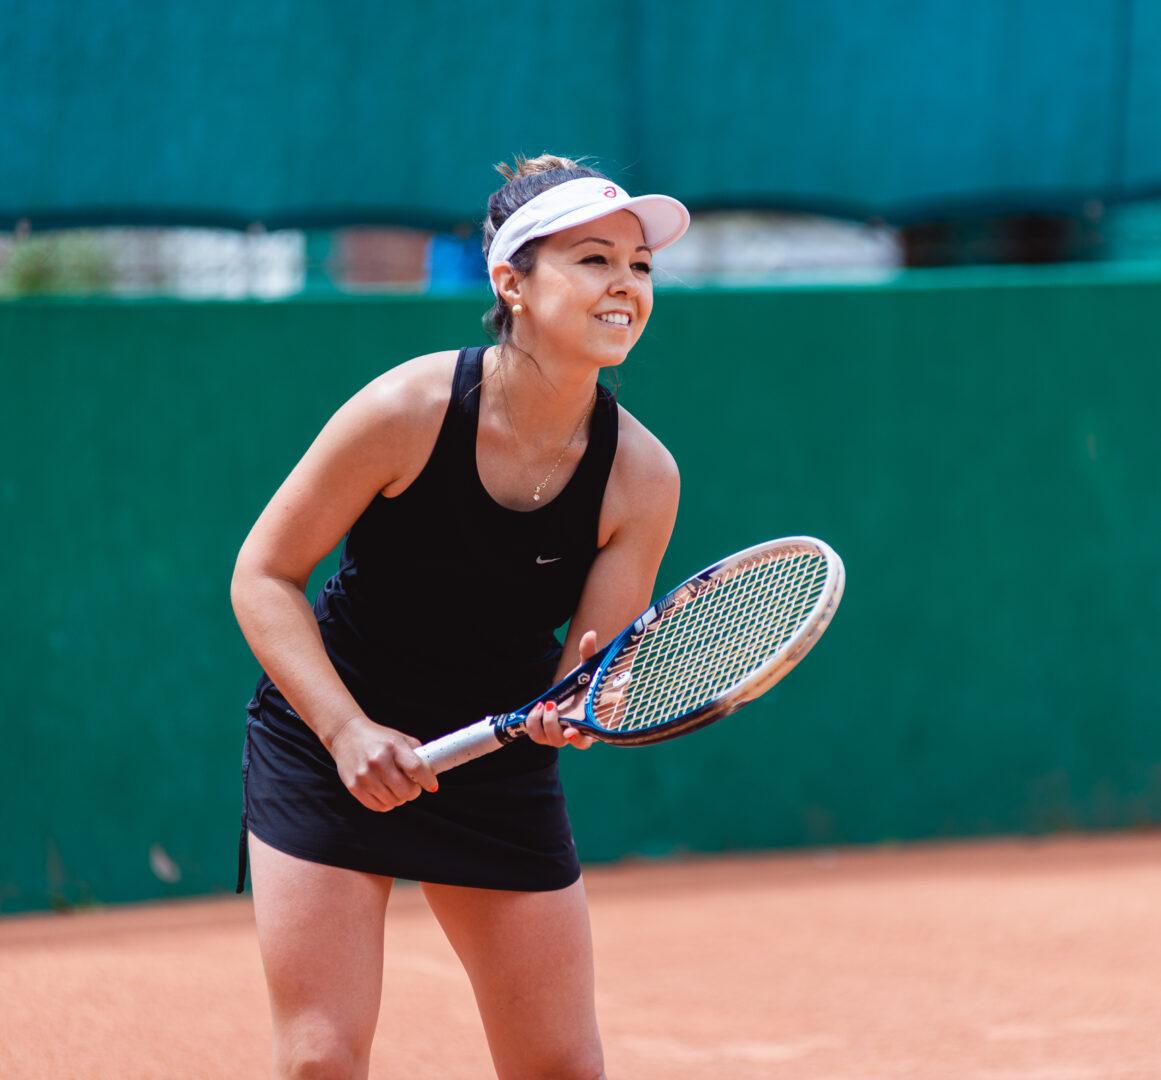 Raquetes Fernanda Ens - Sobre aulas de tênis em porto alegre